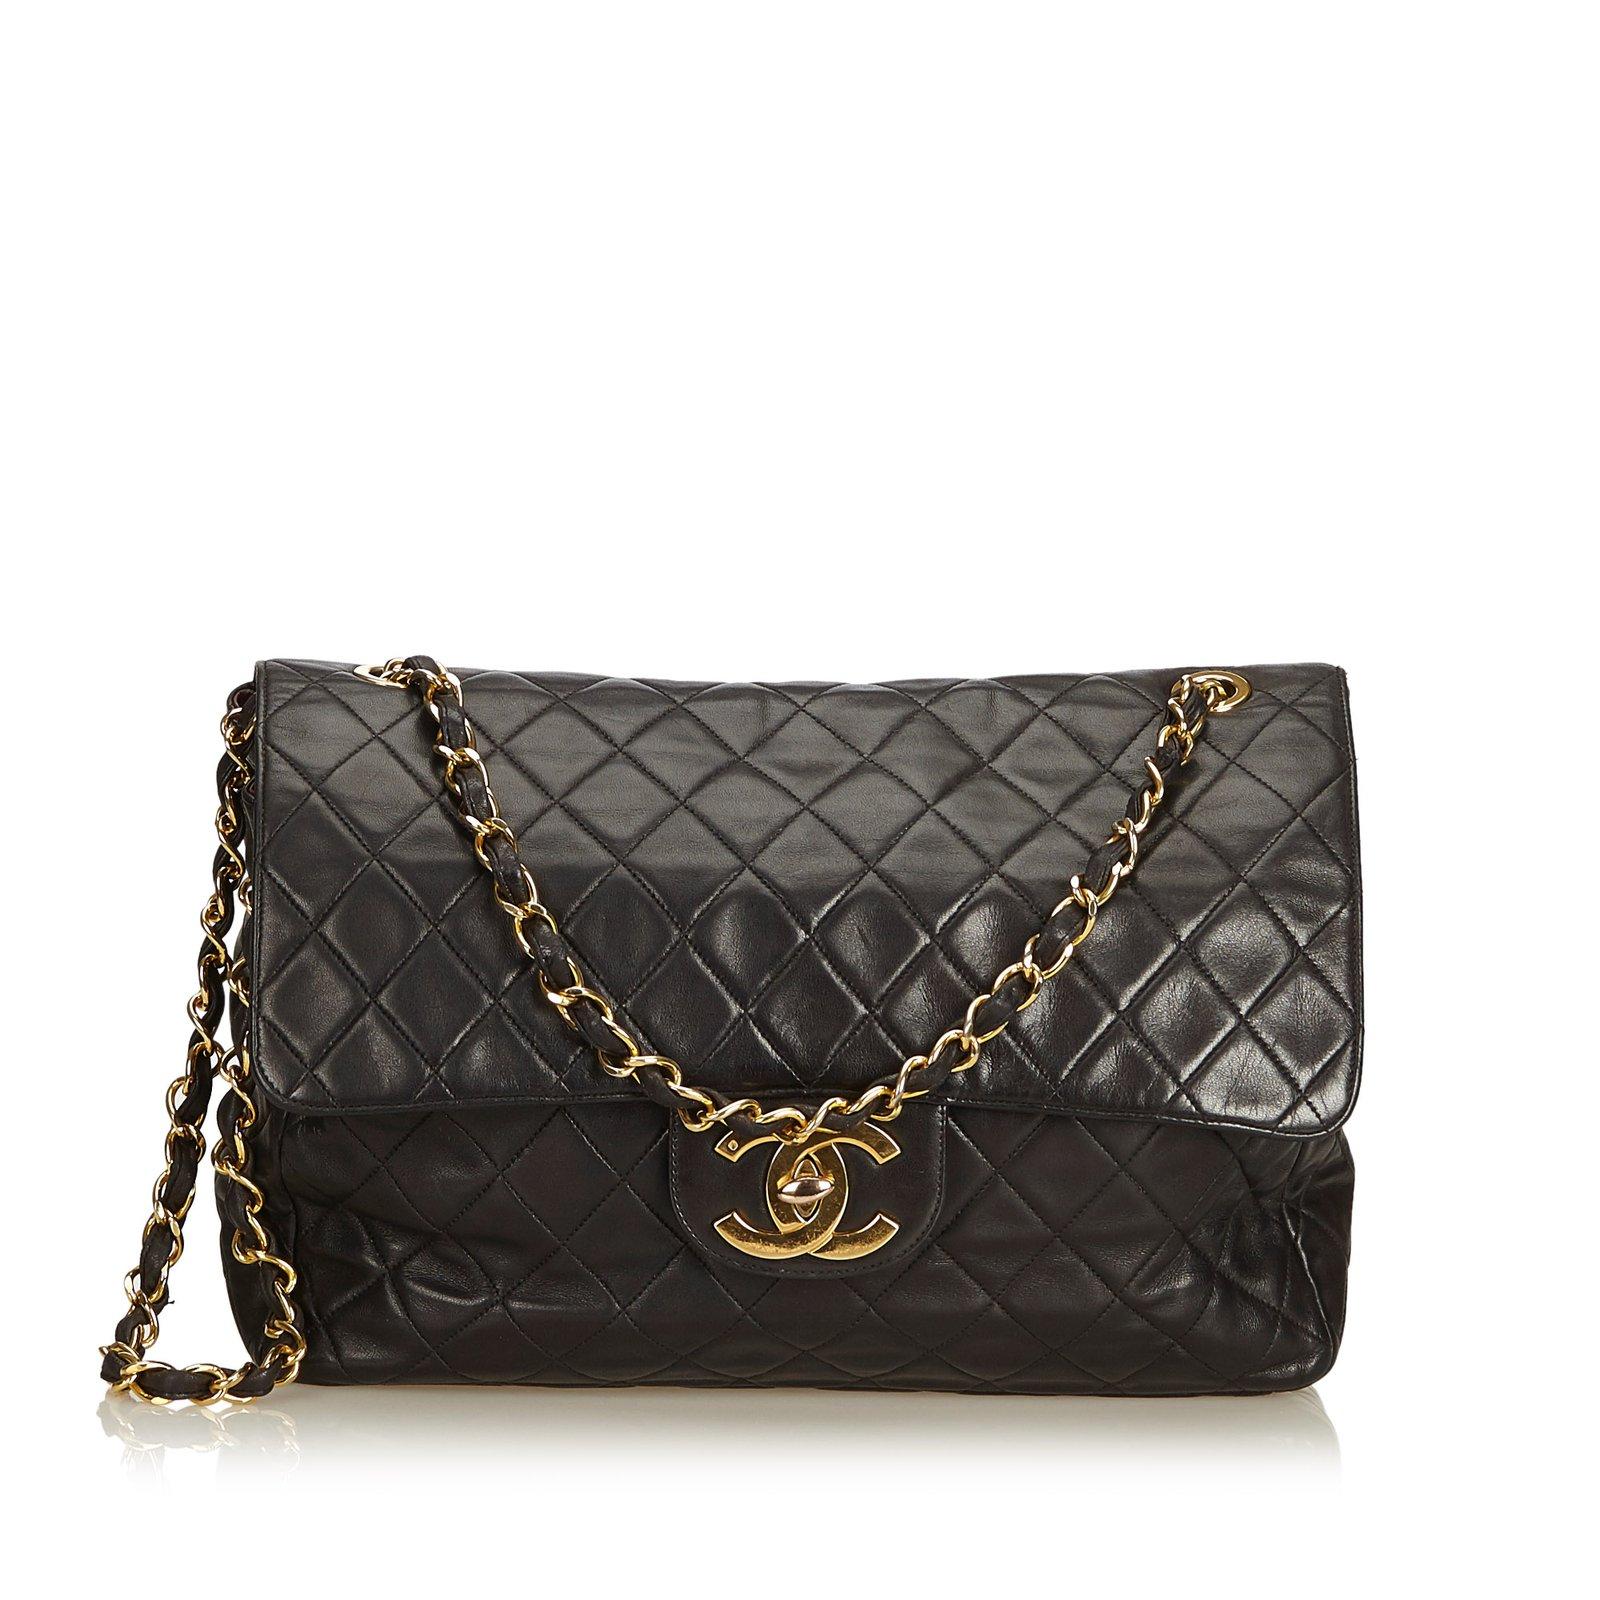 Sacs à main Chanel Sac à rabat simple en cuir d agneau Maxi classique Cuir 193747015ae